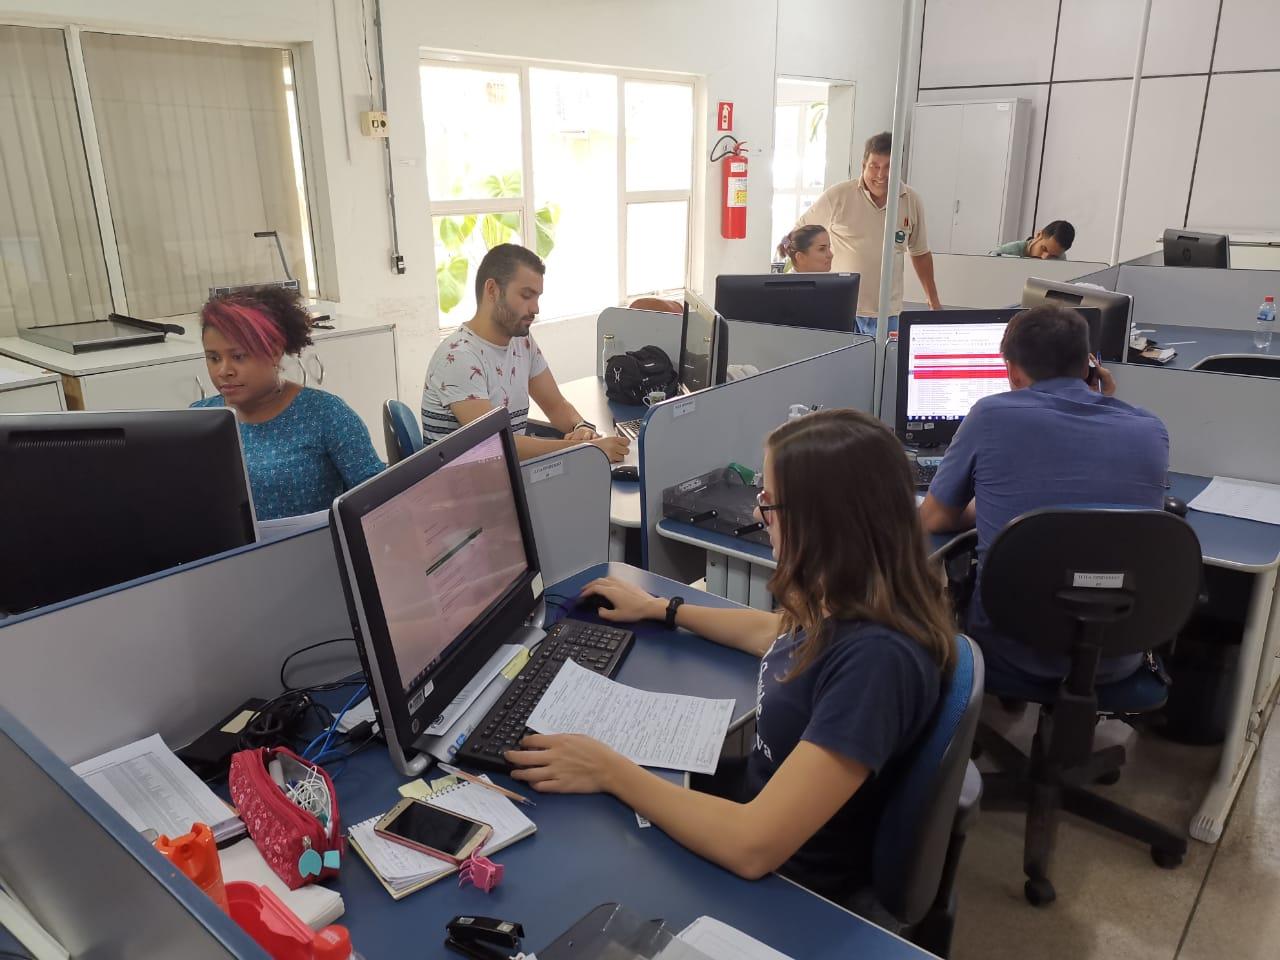 Camila (em primeiro plano), Olga (de camiseta azul) e Roberth (de camiseta branca) se encarregam do trabalho de acompanhamento de casos suspeitos